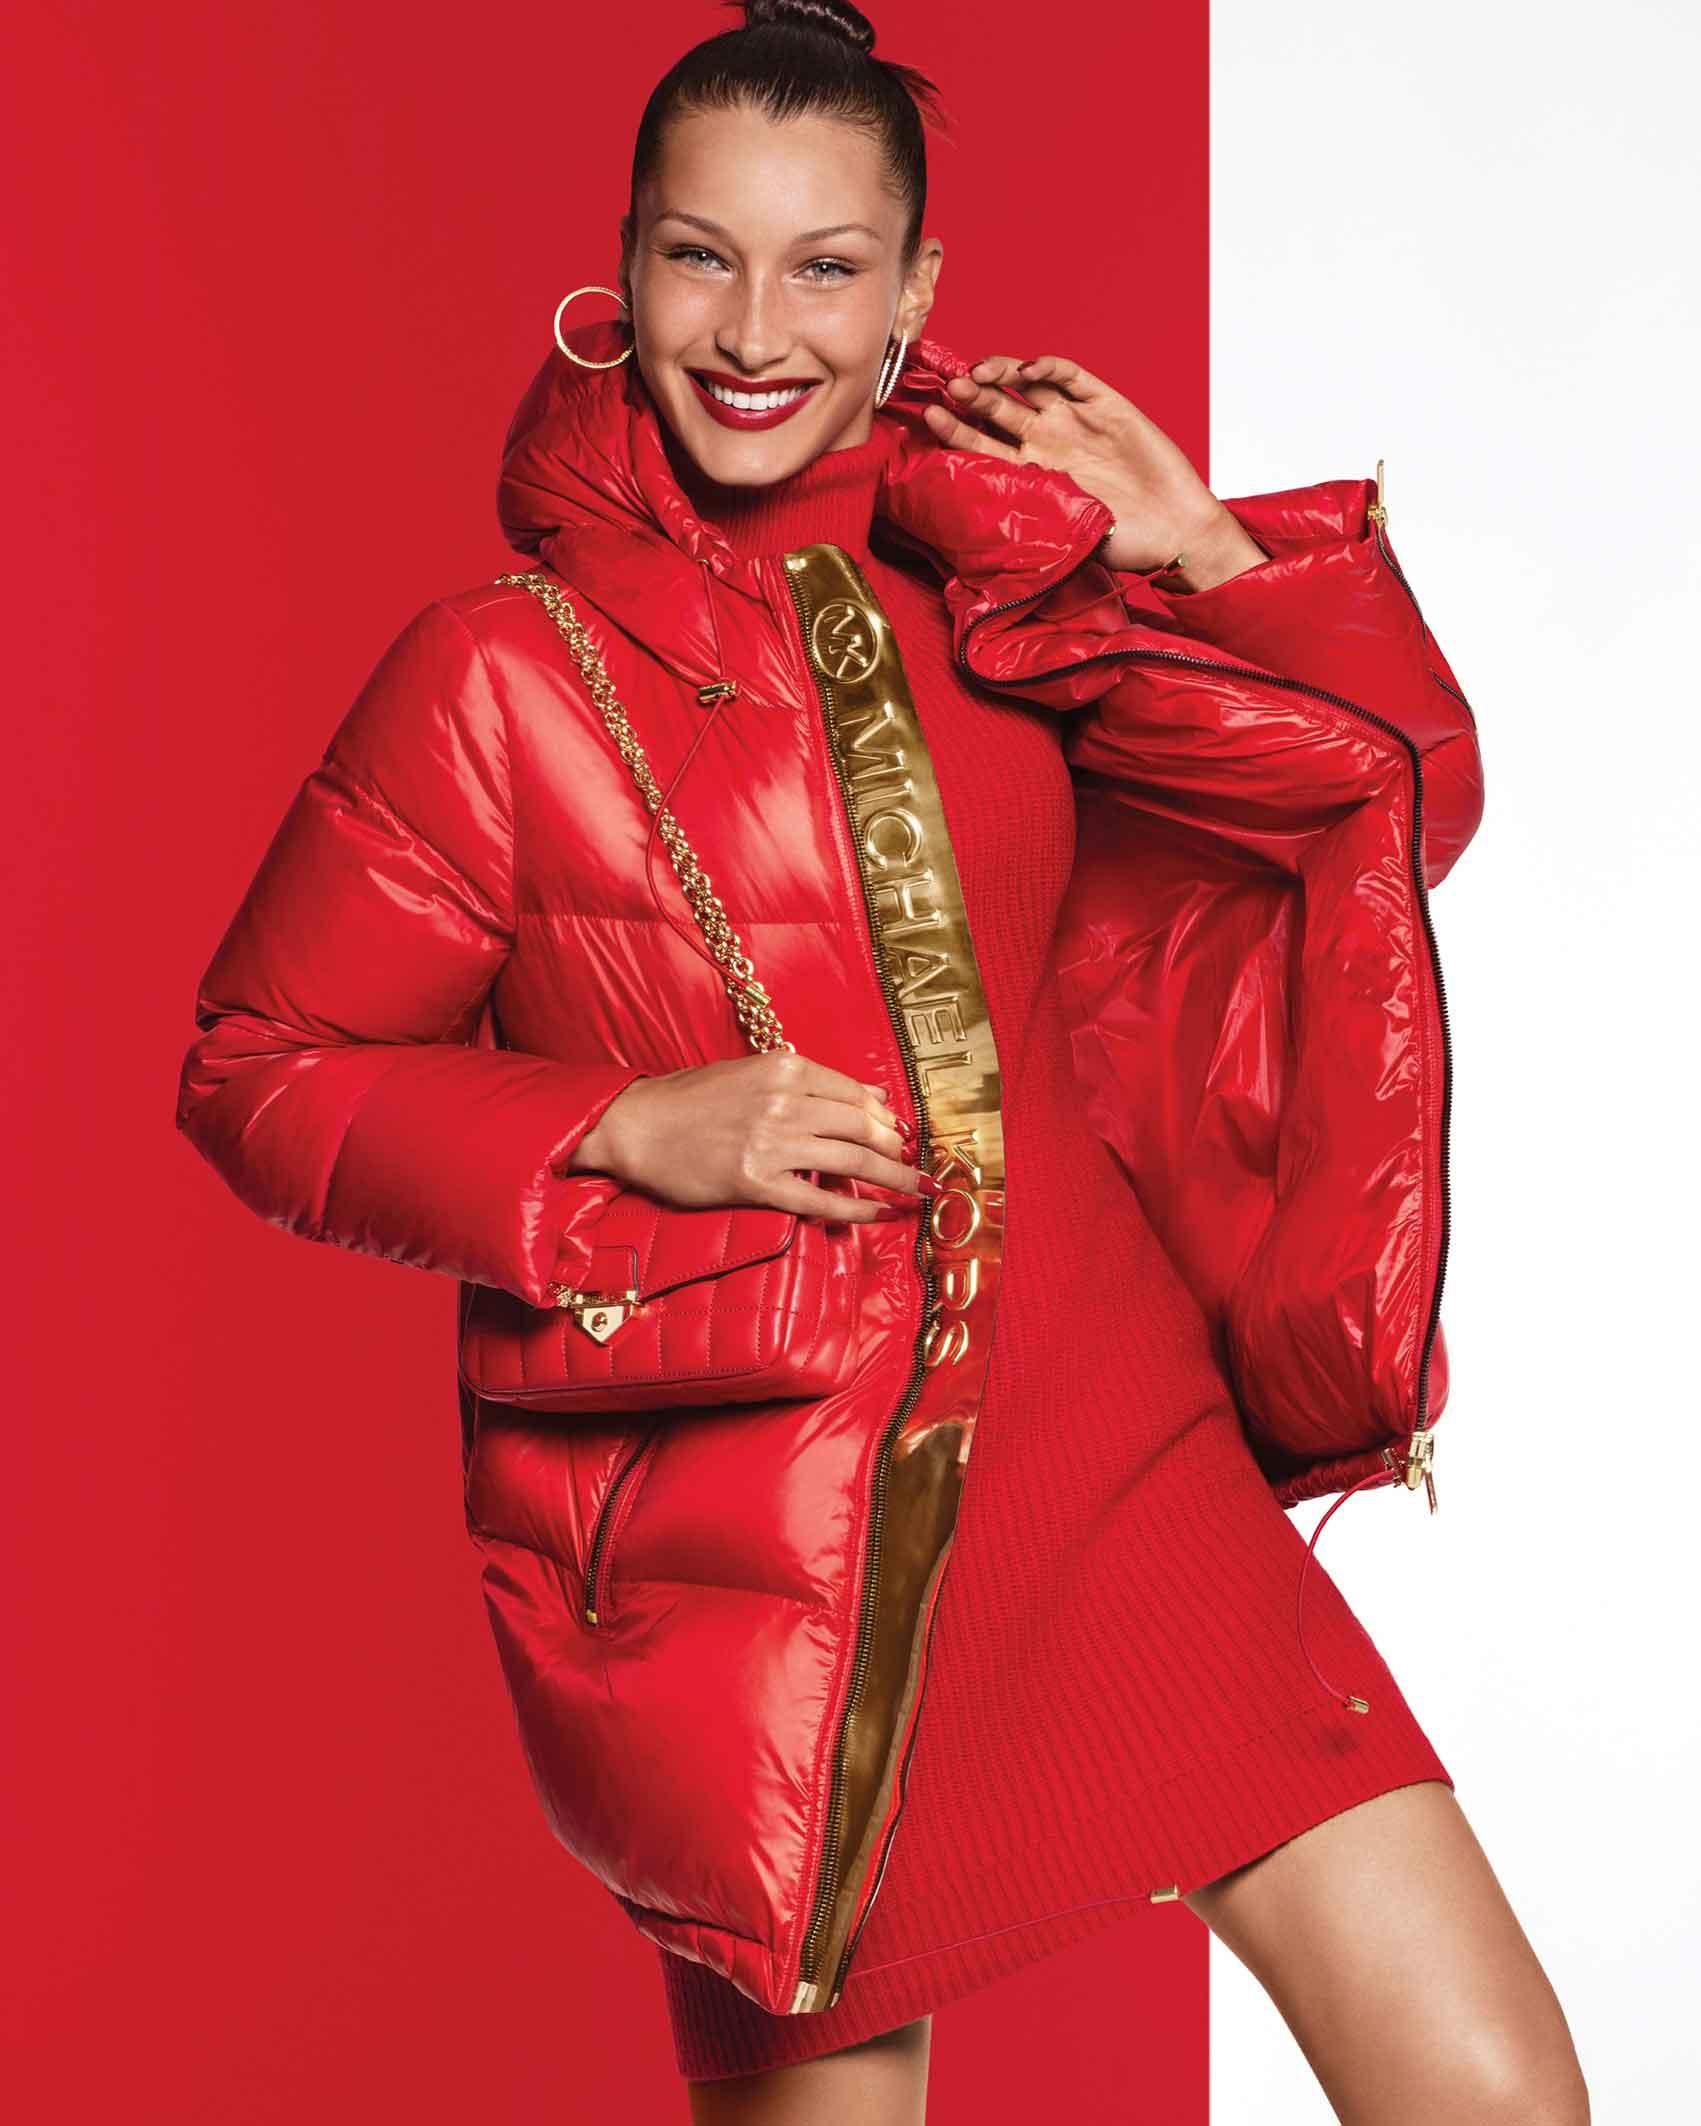 אופנה-FACTORY54 .MICHAEL KORS 2021